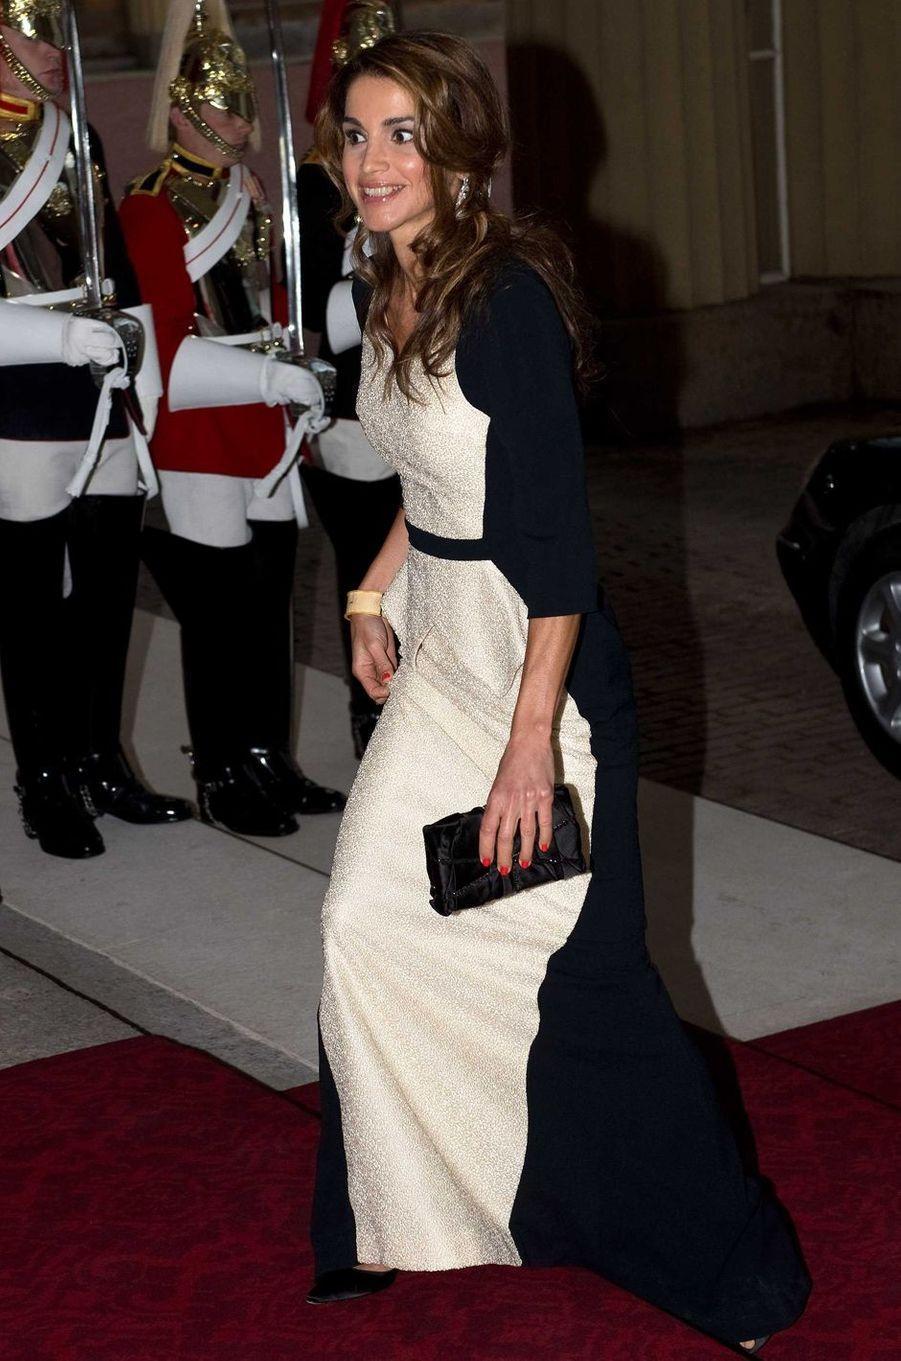 La reine Rania de Jordanie à Londres, le 18 mai 2012